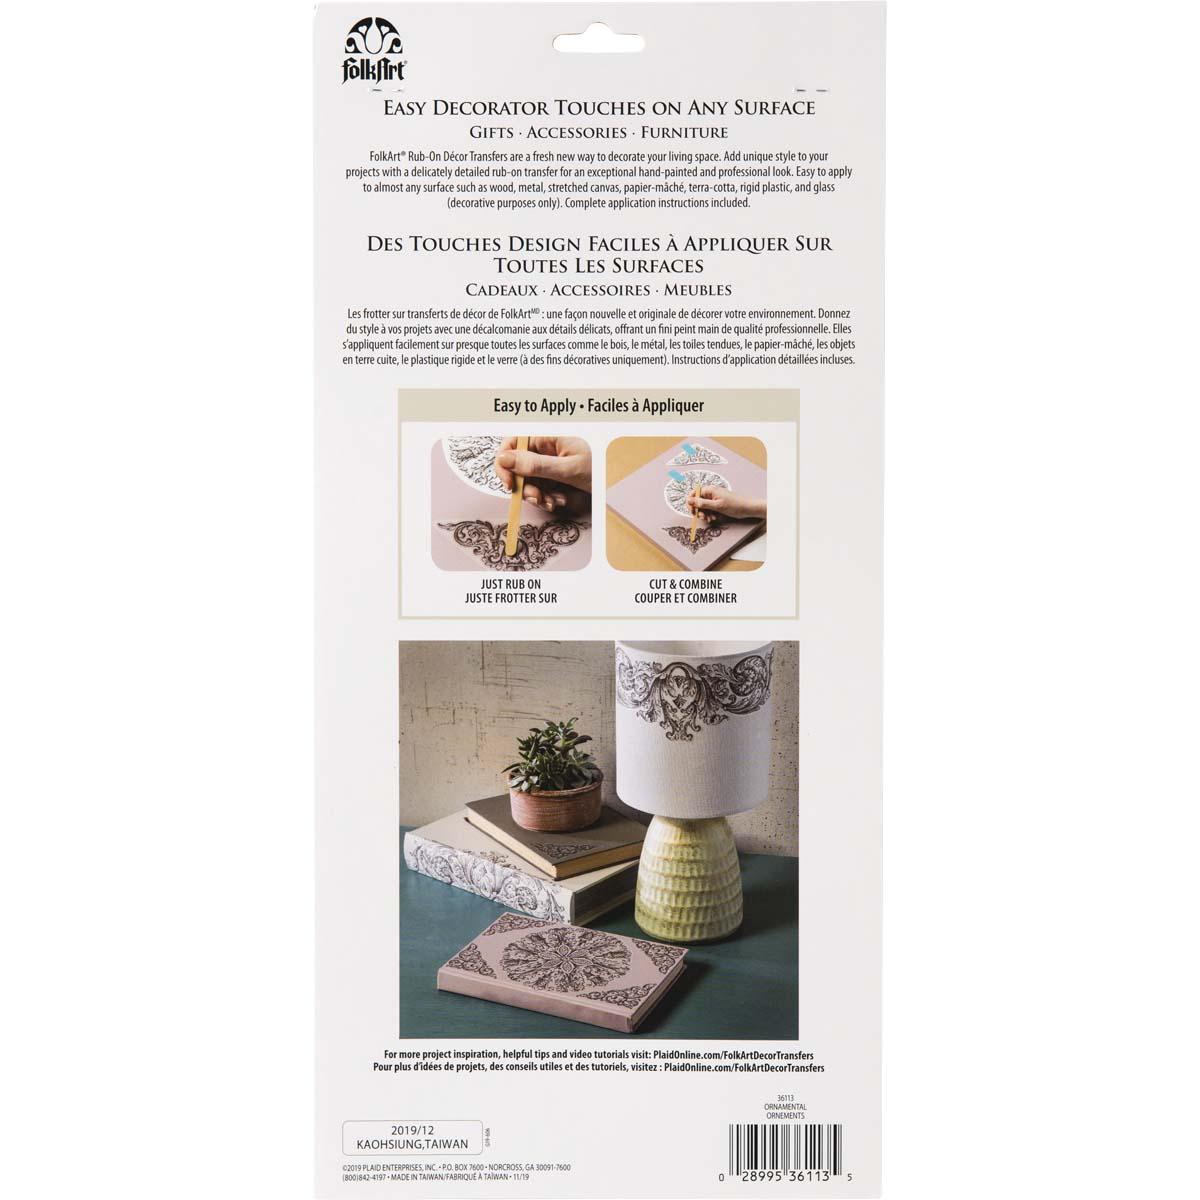 FolkArt ® Rub-On Décor Transfer - Ornamental, 3 pc. - 36113